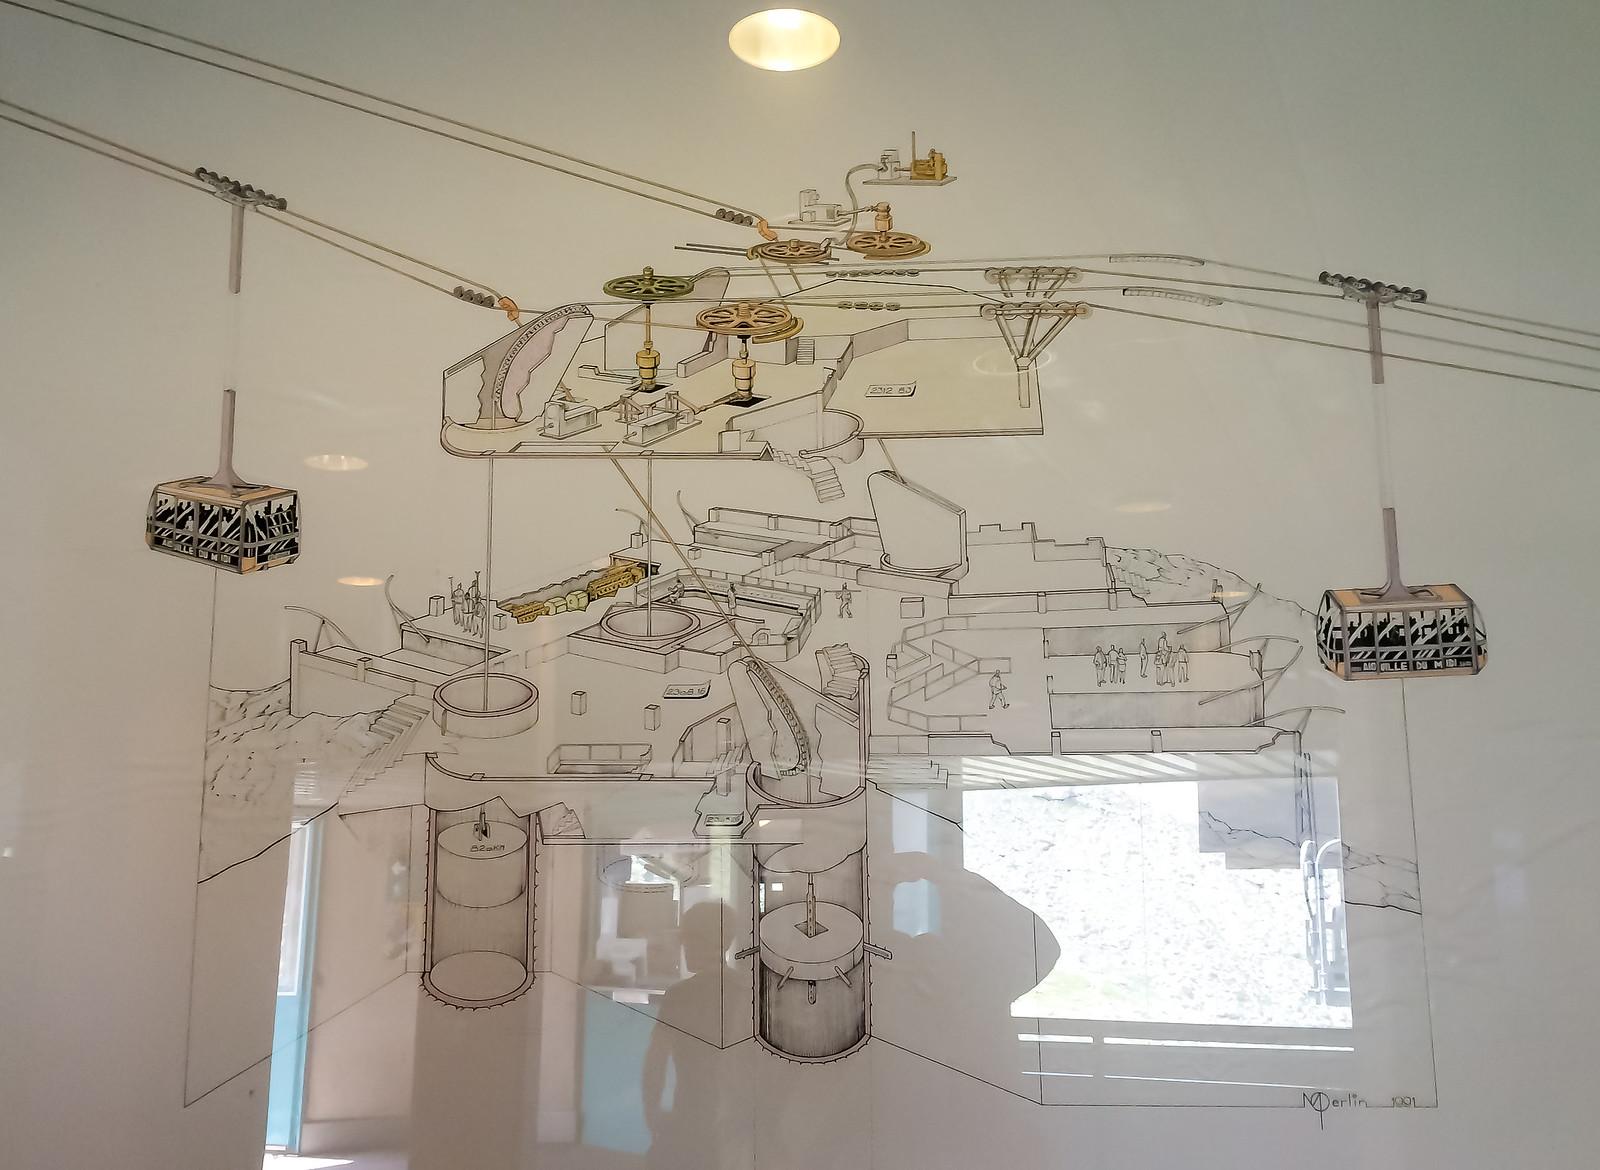 Шамони Мон-Блан - Это канатная дорога маятникового типа, т.е. 2 кабинки ездят в разные стороны и уравновешивают друг друга, благодаря чем двигатель обрабатывает только разницу в их весе. На этой схеме показано устройство промежуточной станции